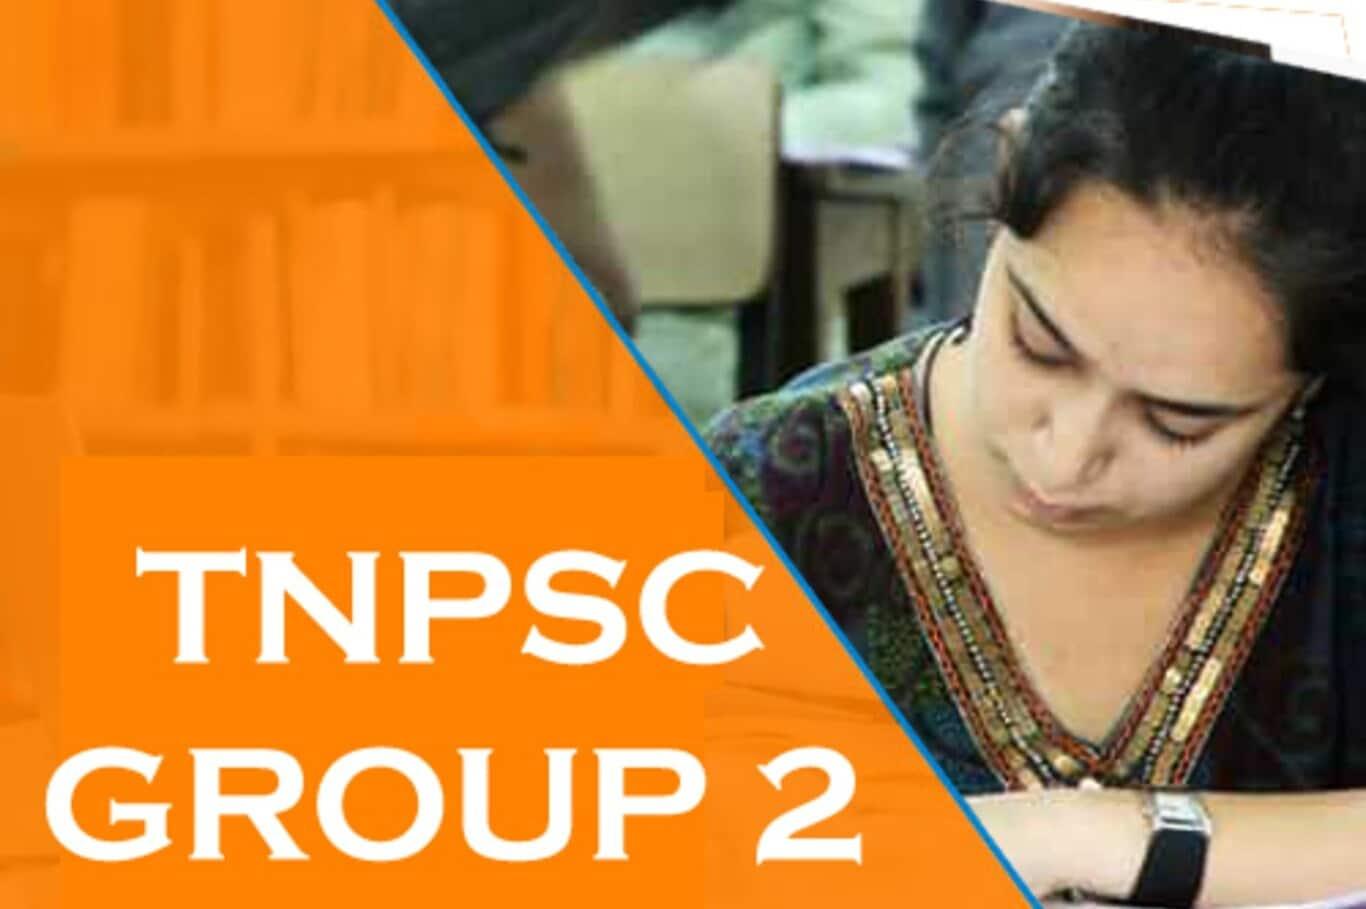 tnpsc coaching center in salem, tnpsc salem, tnpsc coaching in salem, tnpsc, tnpsc coaching class in salem